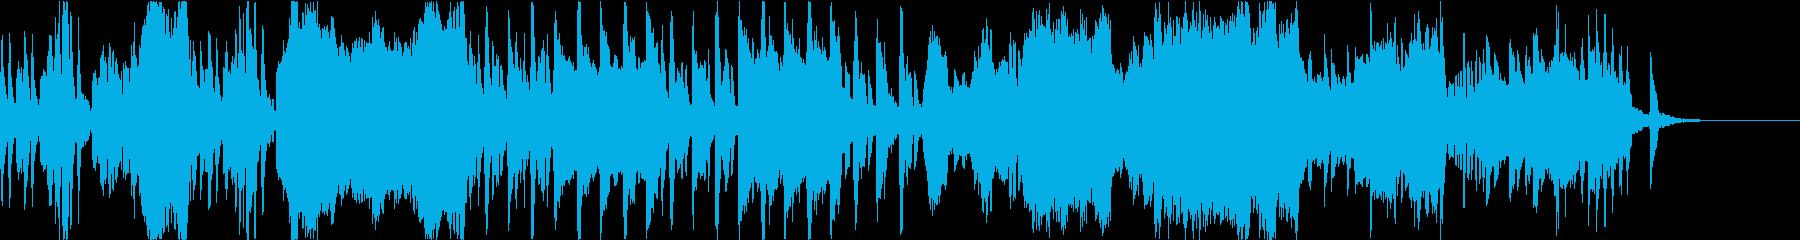 優雅なティータイム向けクラシックの再生済みの波形